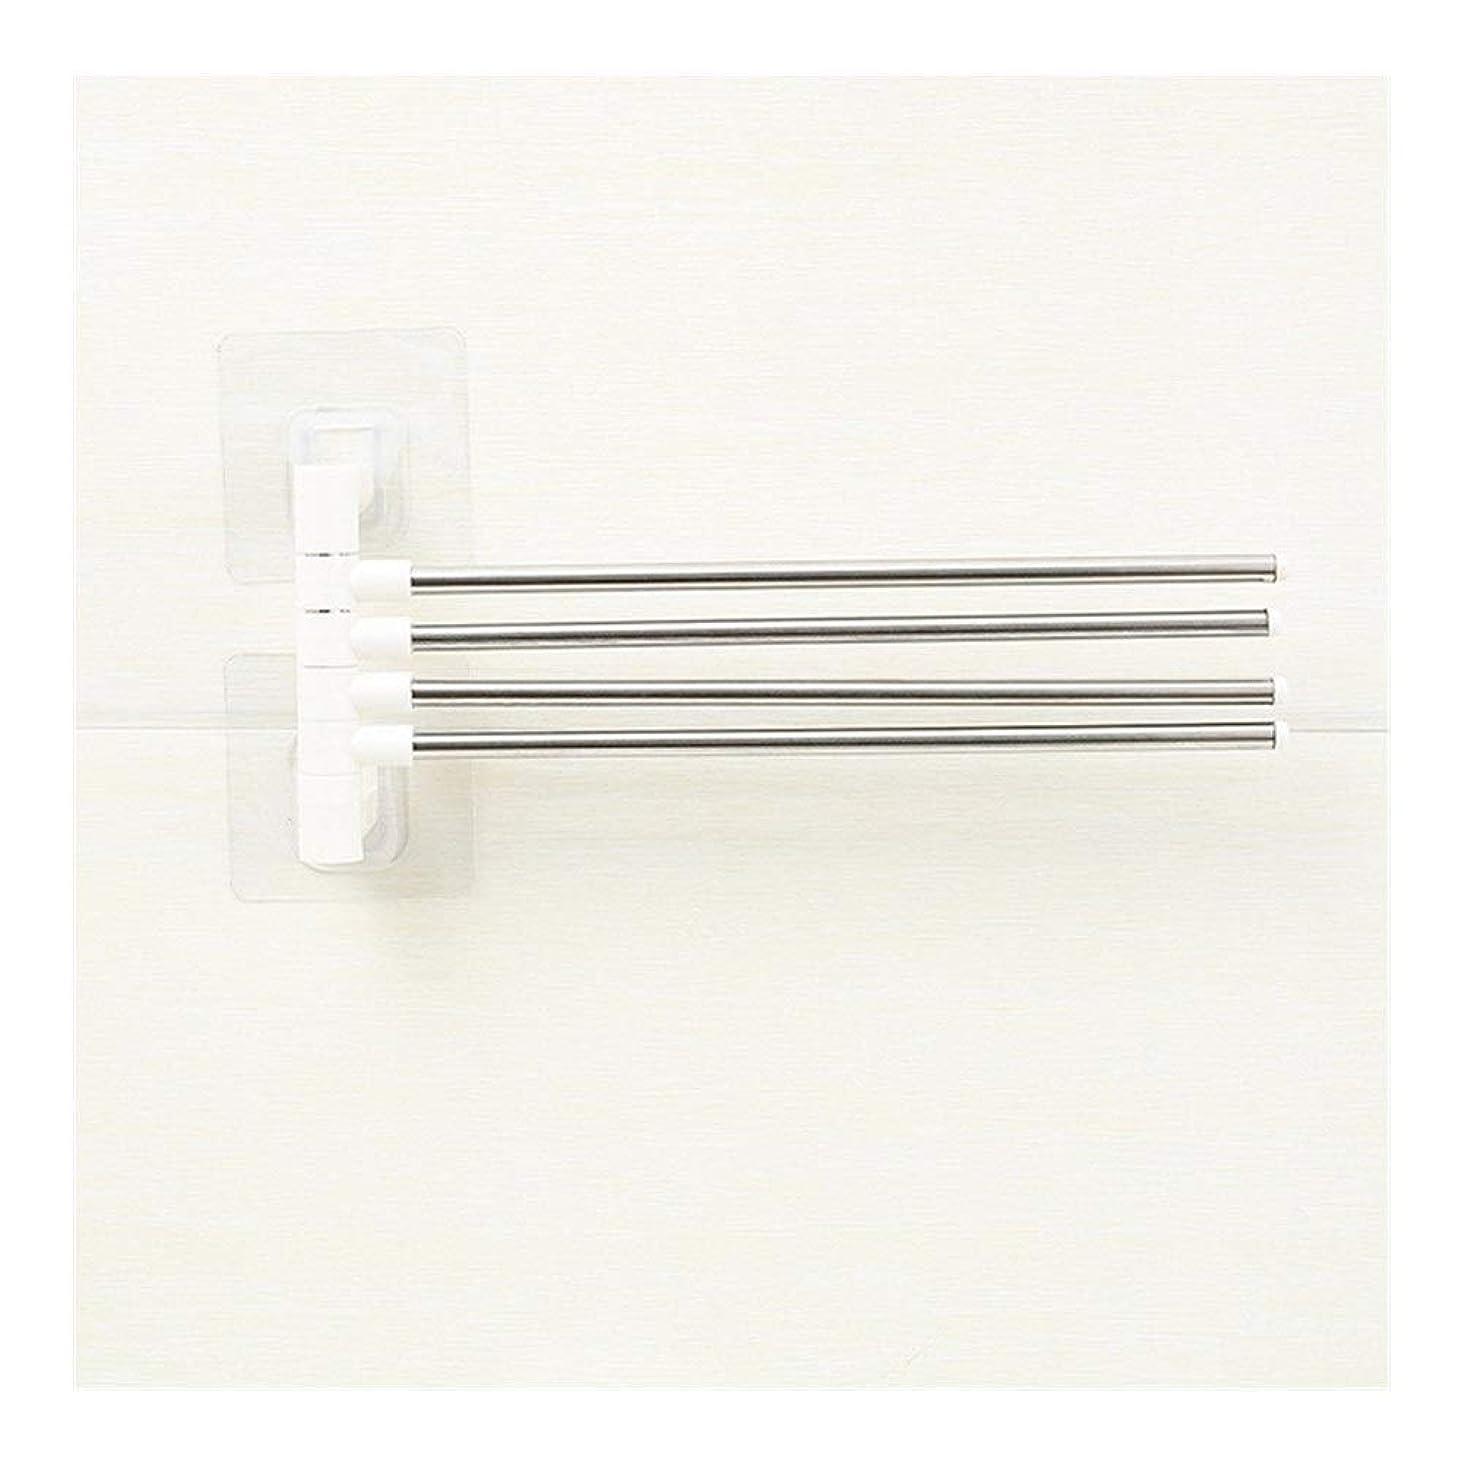 解明審判欠席Fssh-MLX ステンレス吸盤タオルはありません掘削バー回転タオルラックポリッシュラックホルダー浴室キッチン壁掛けタオル (色 : 銀, サイズ : 25.5cm)